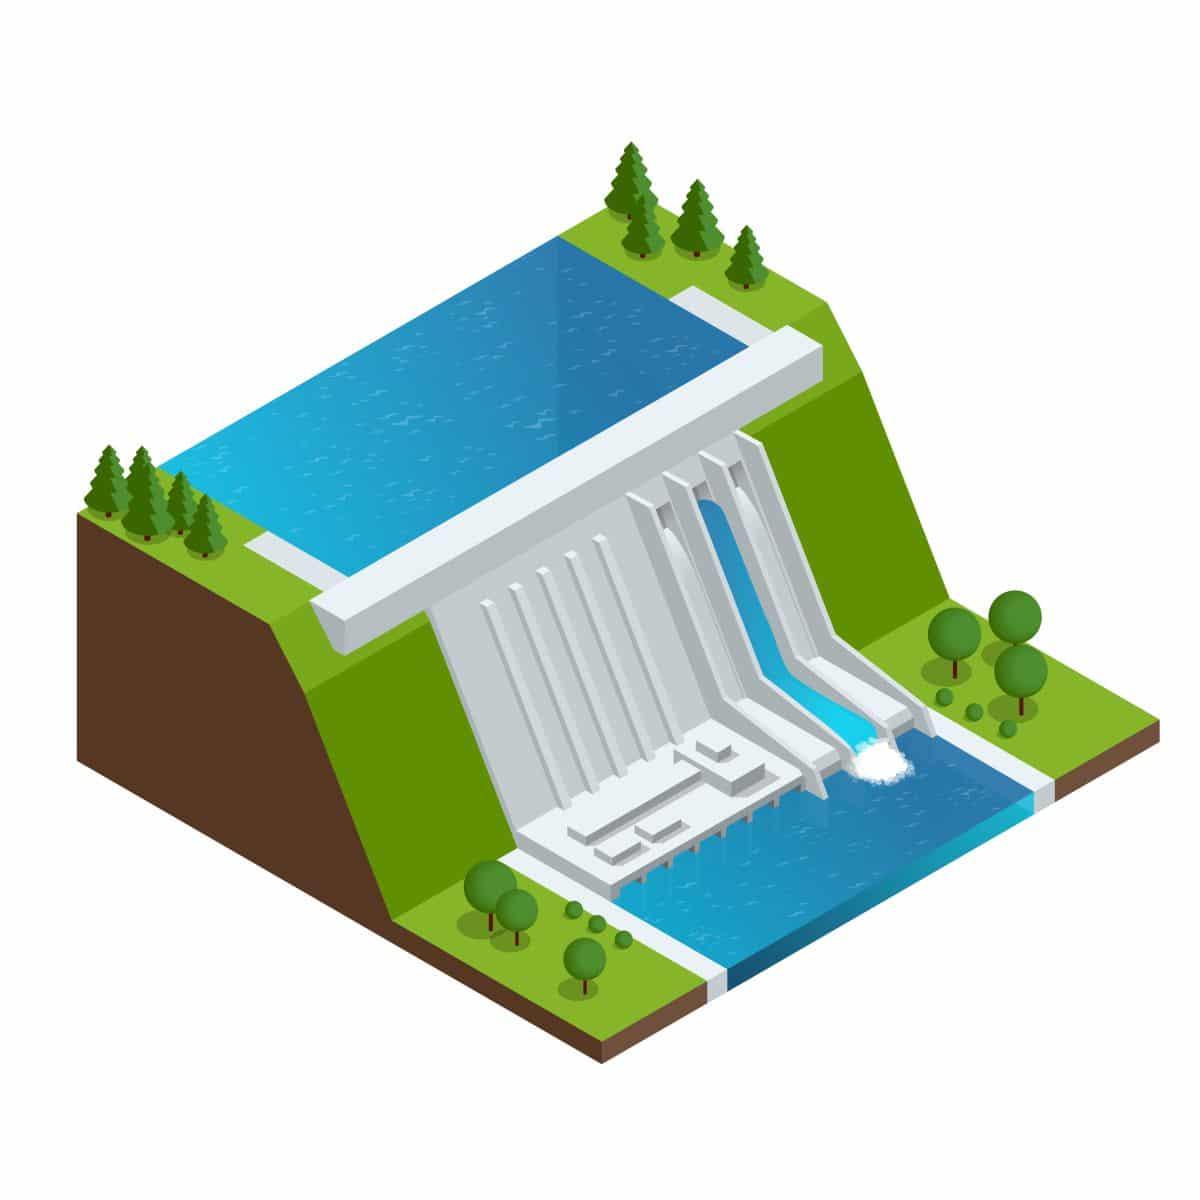 Staudamm als Projekt-Beispiel